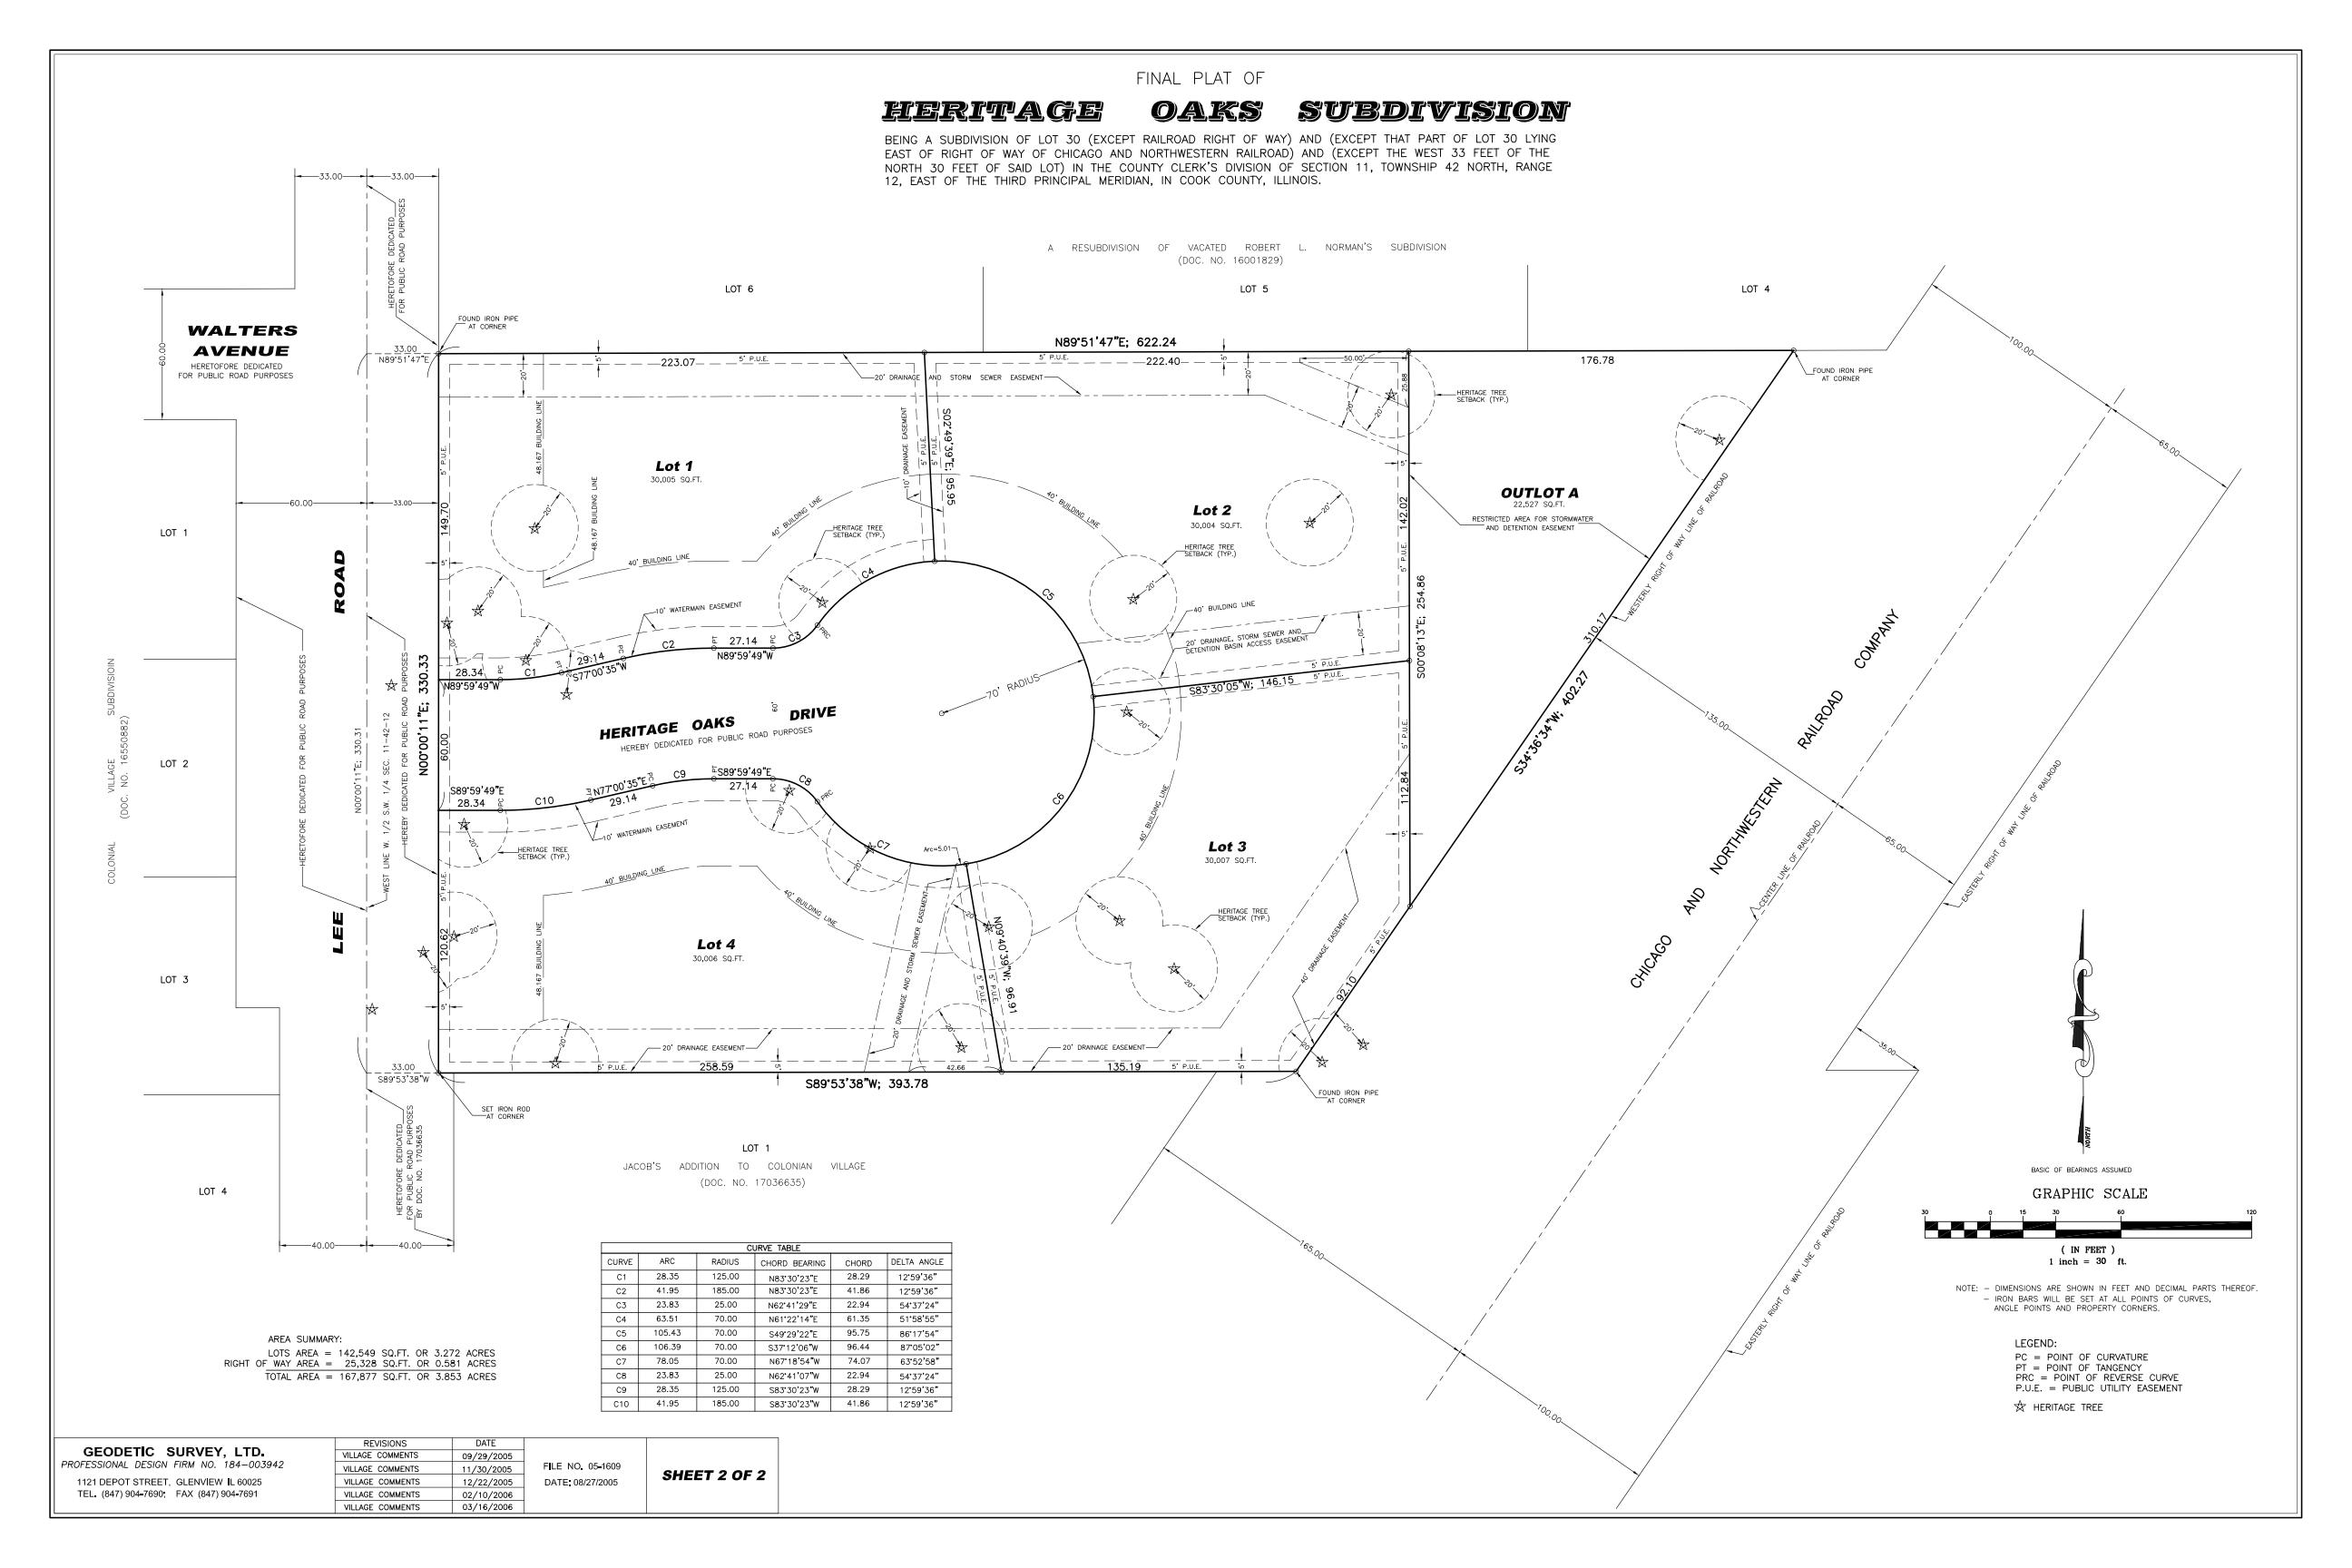 subdivision_001